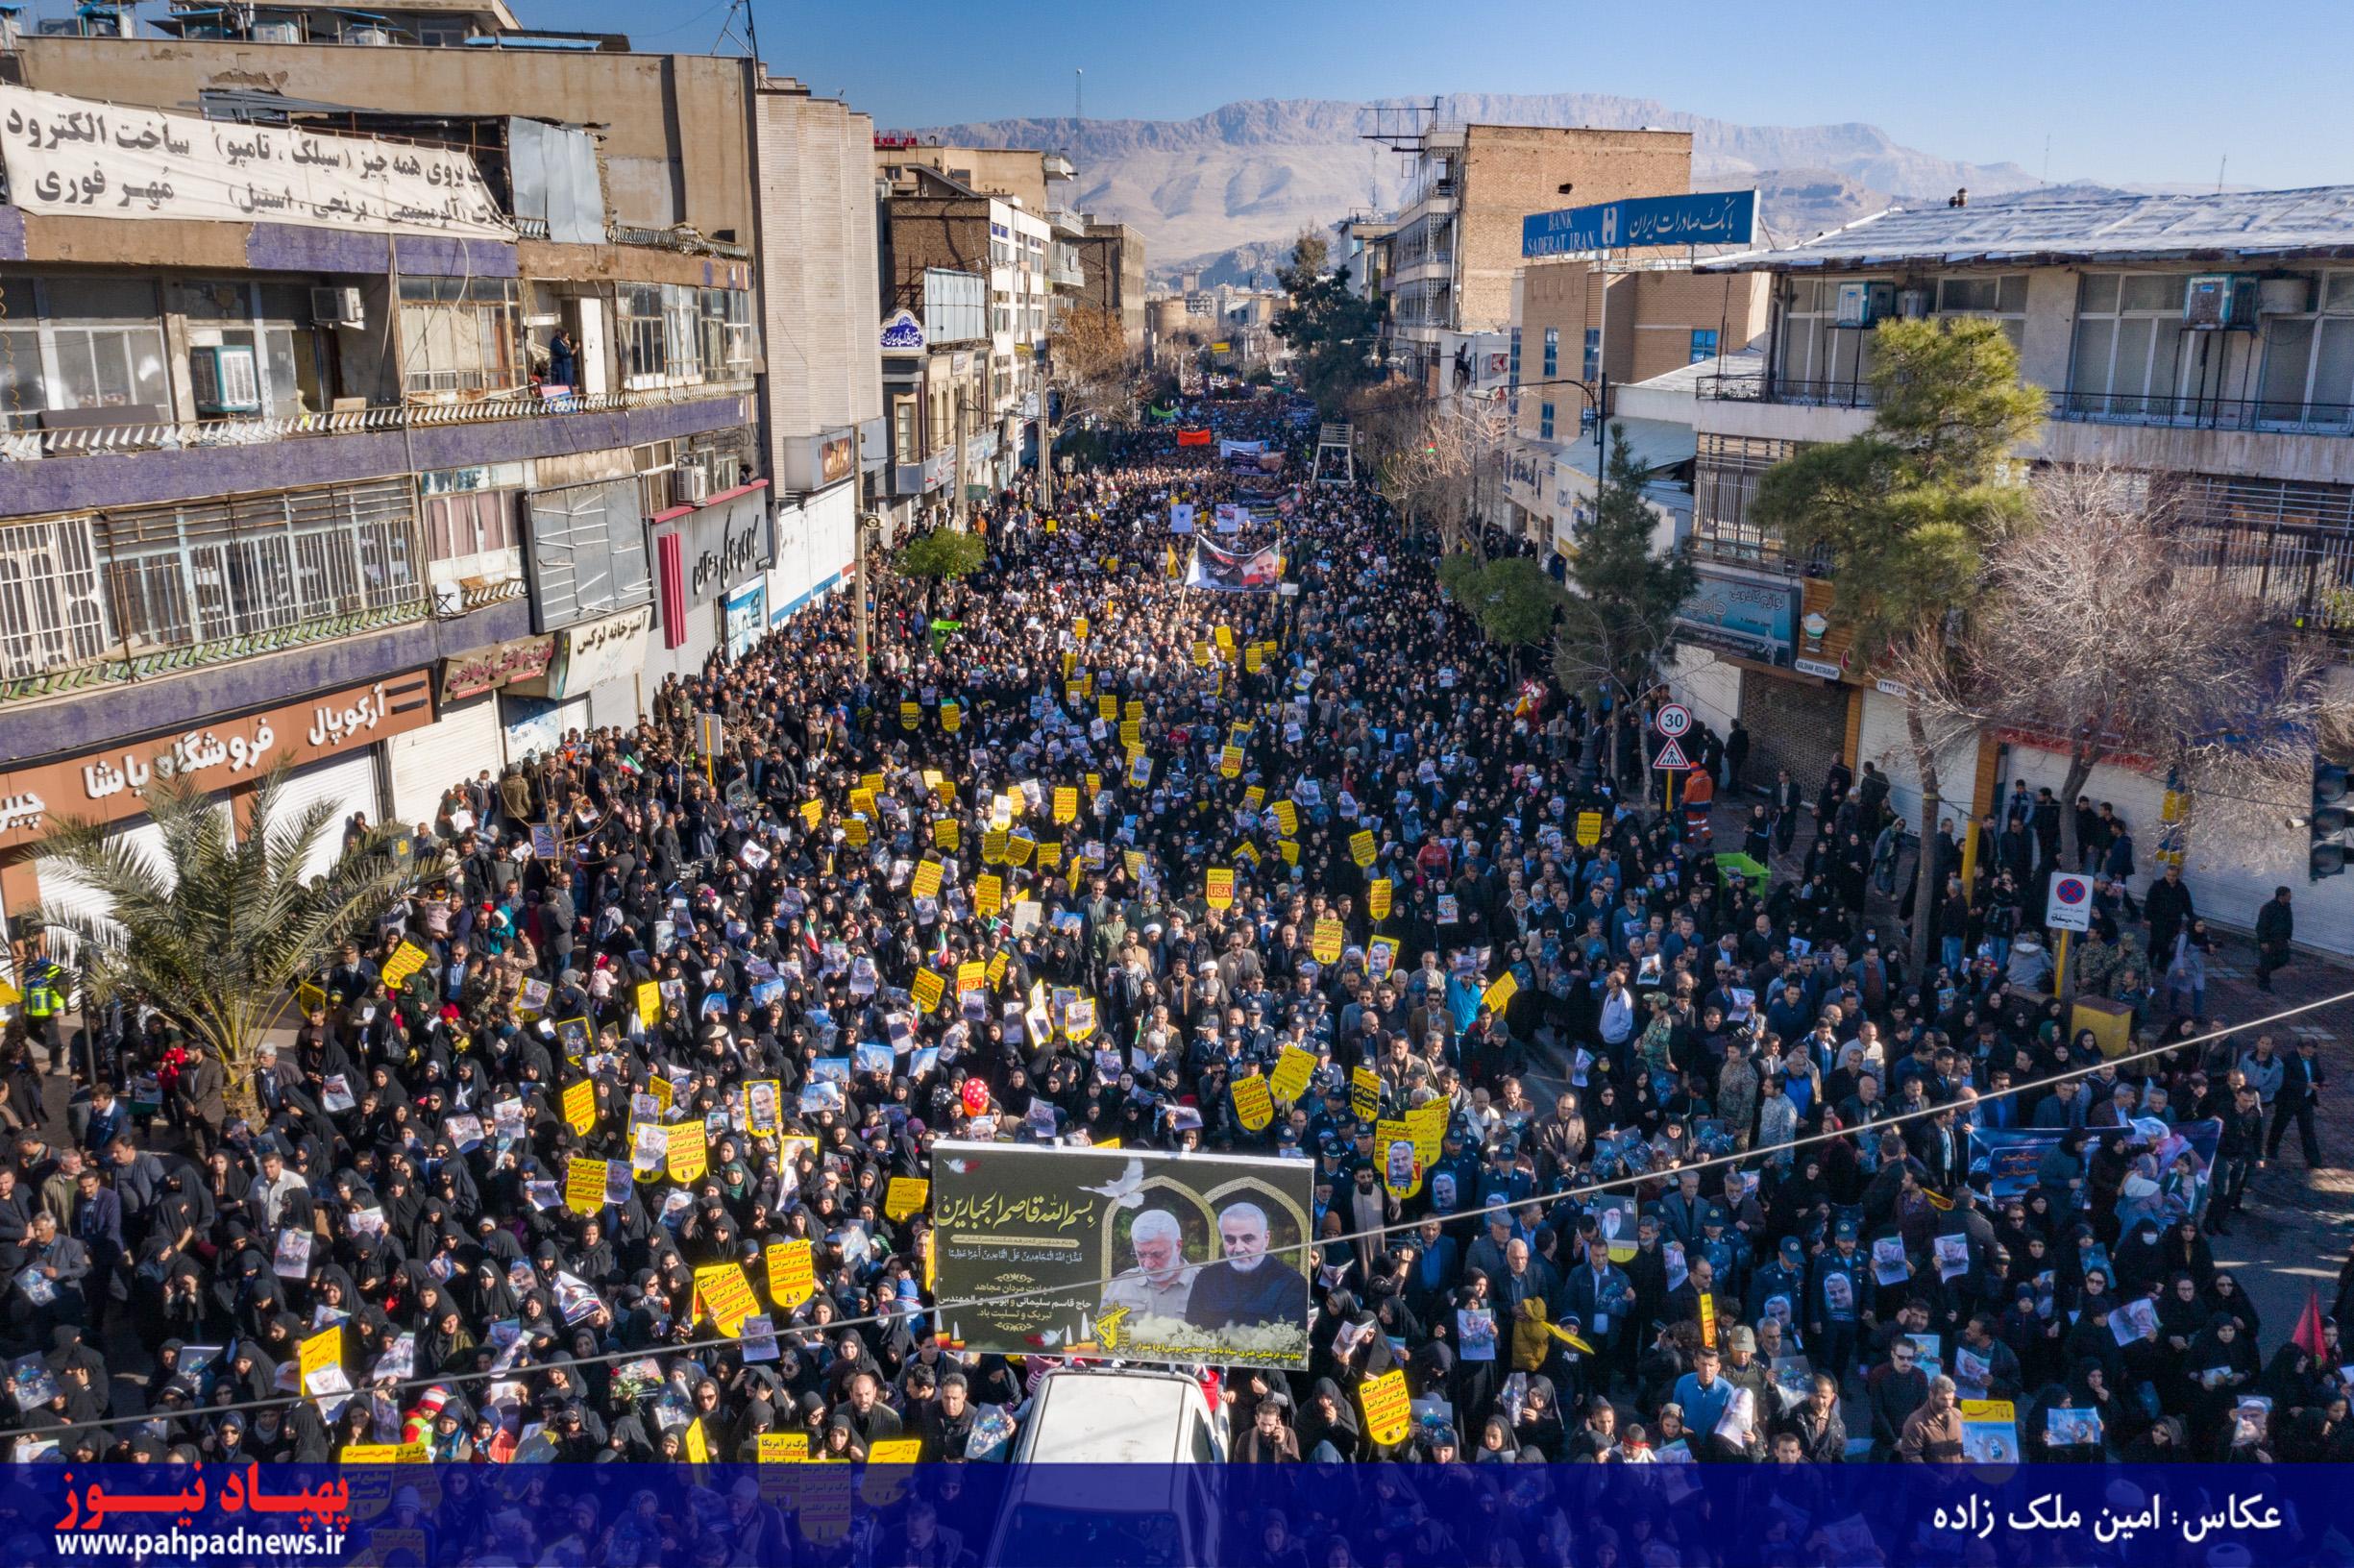 فیلم هوایی؛ مراسم بزرگداشت شهید سردار سپهبد قاسم سلیمانی در شیراز